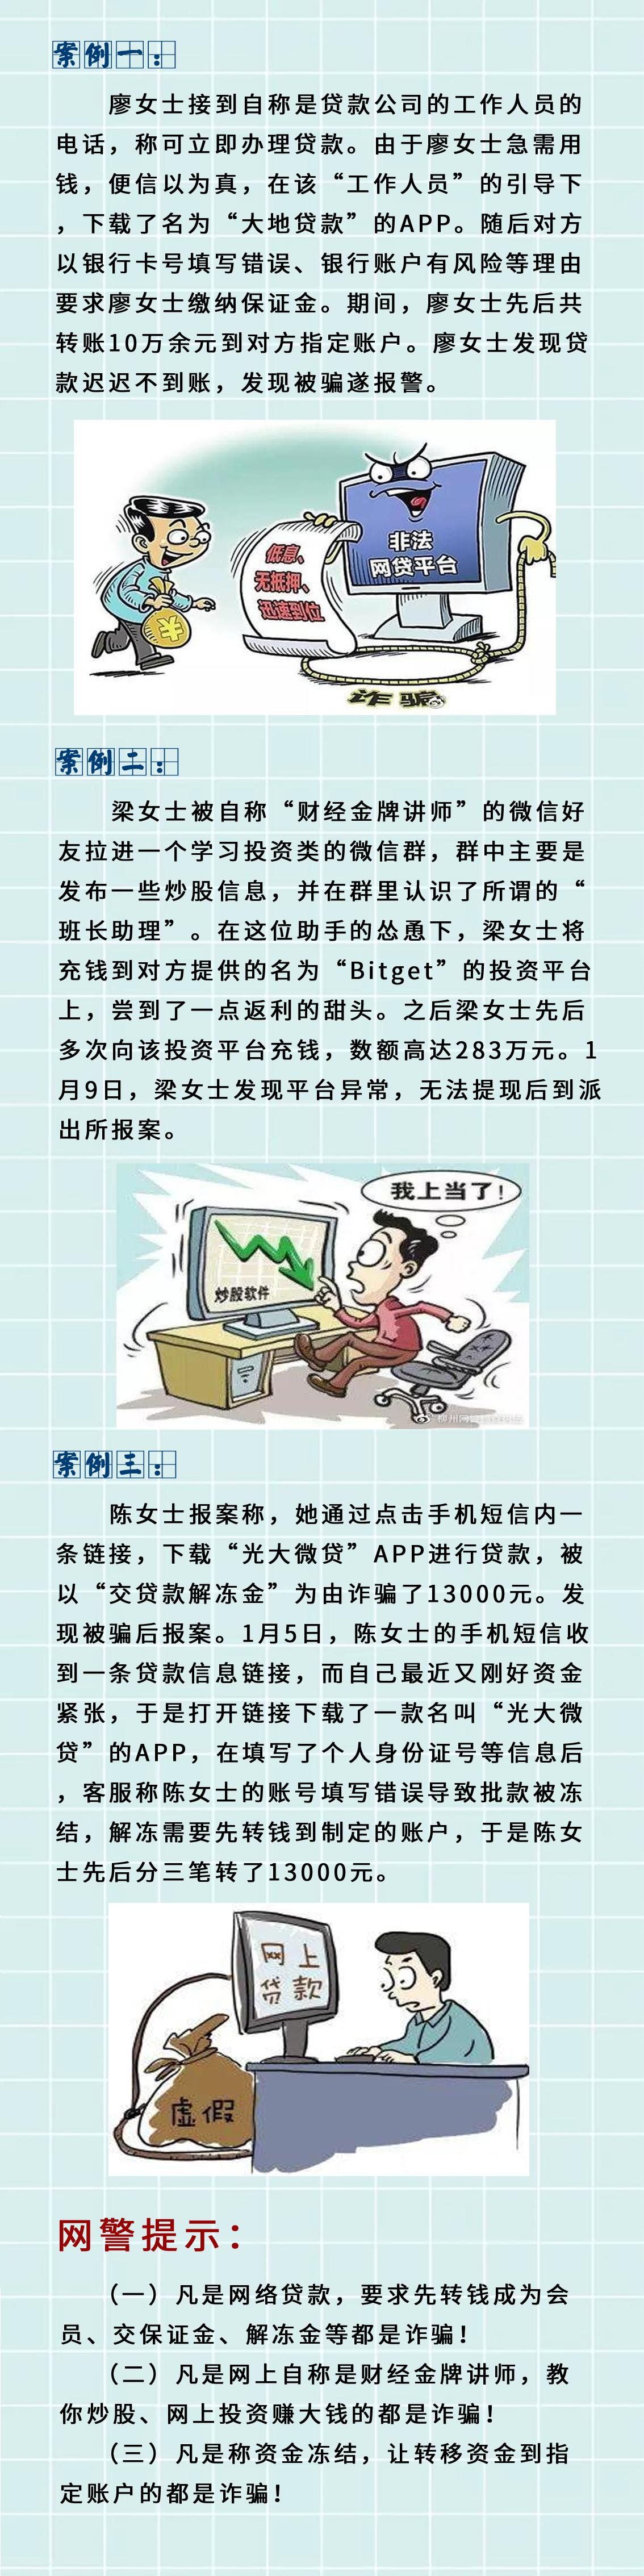 """常用的网贷诈骗""""套路"""",不让骗子有可乘之机"""